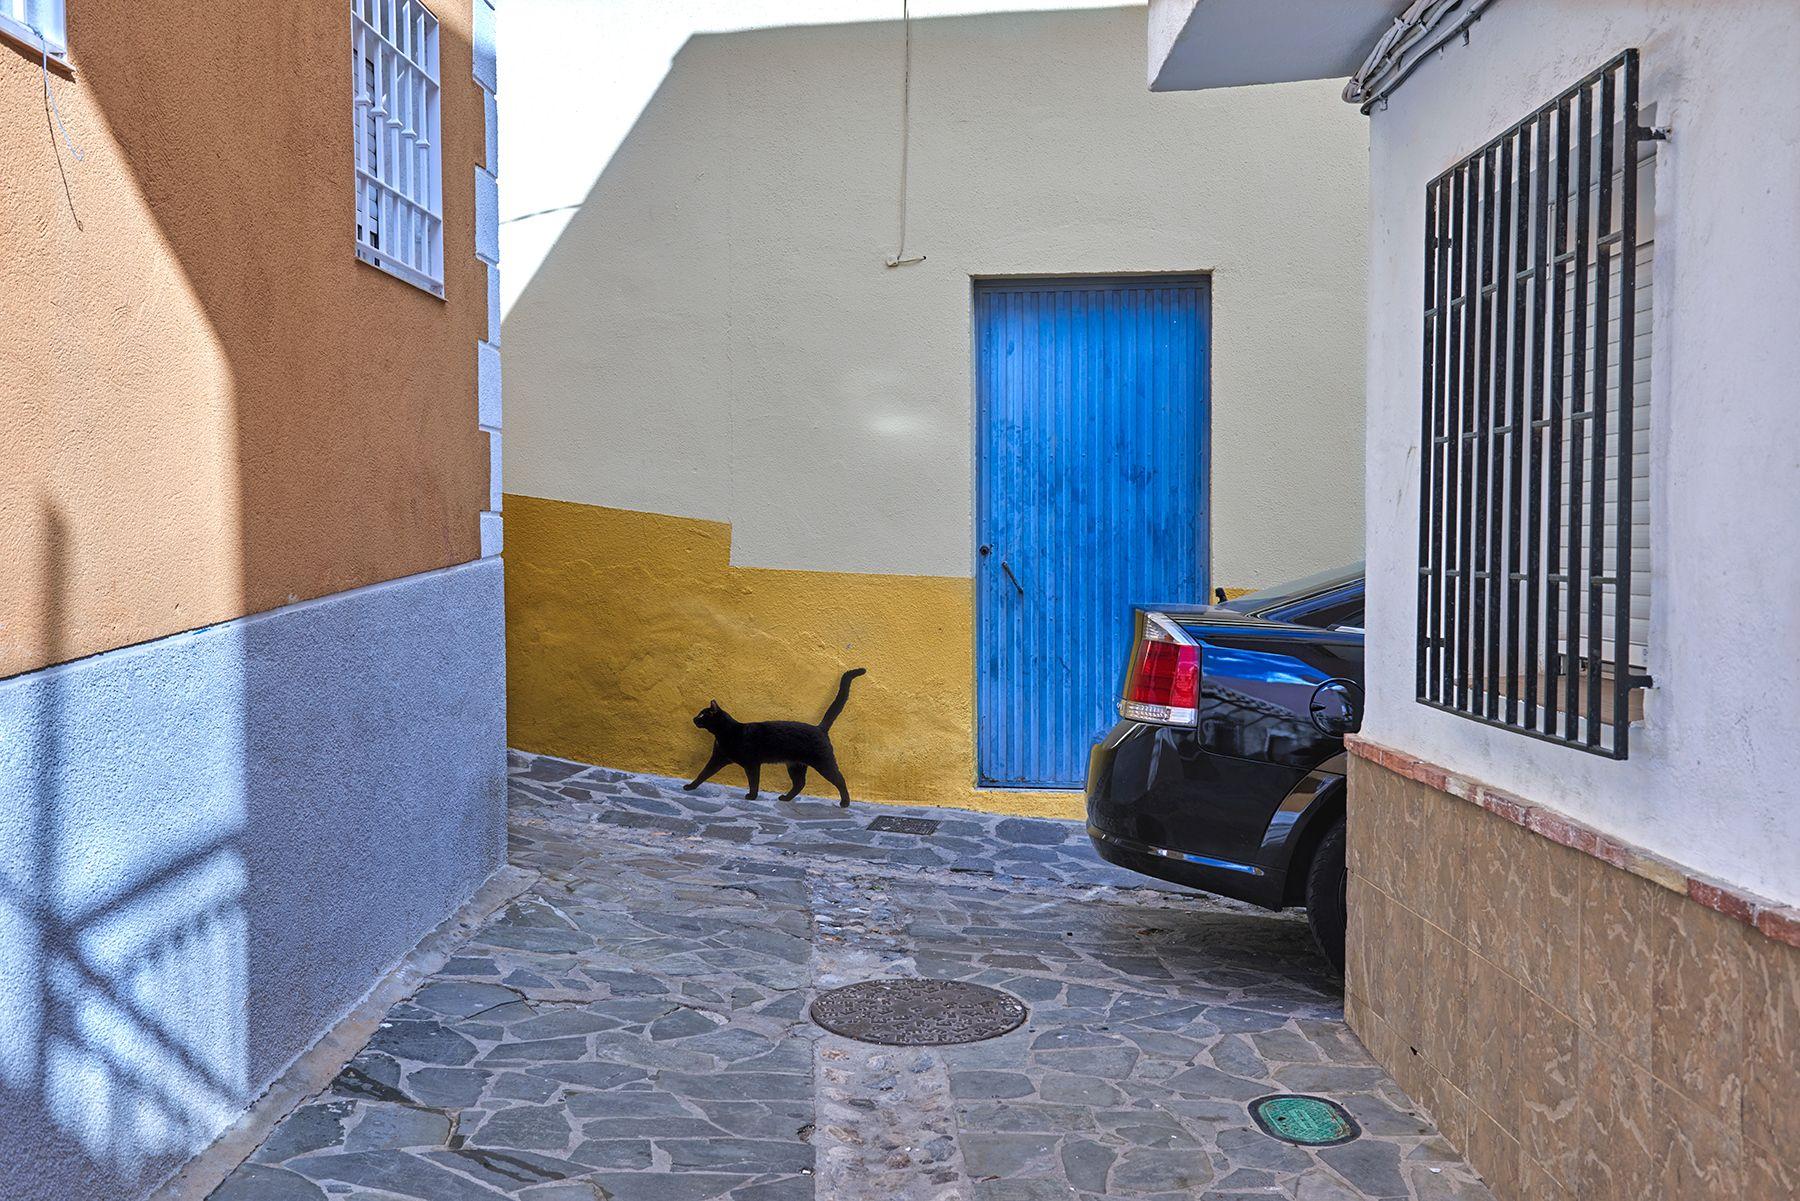 Gato negro en un callejón